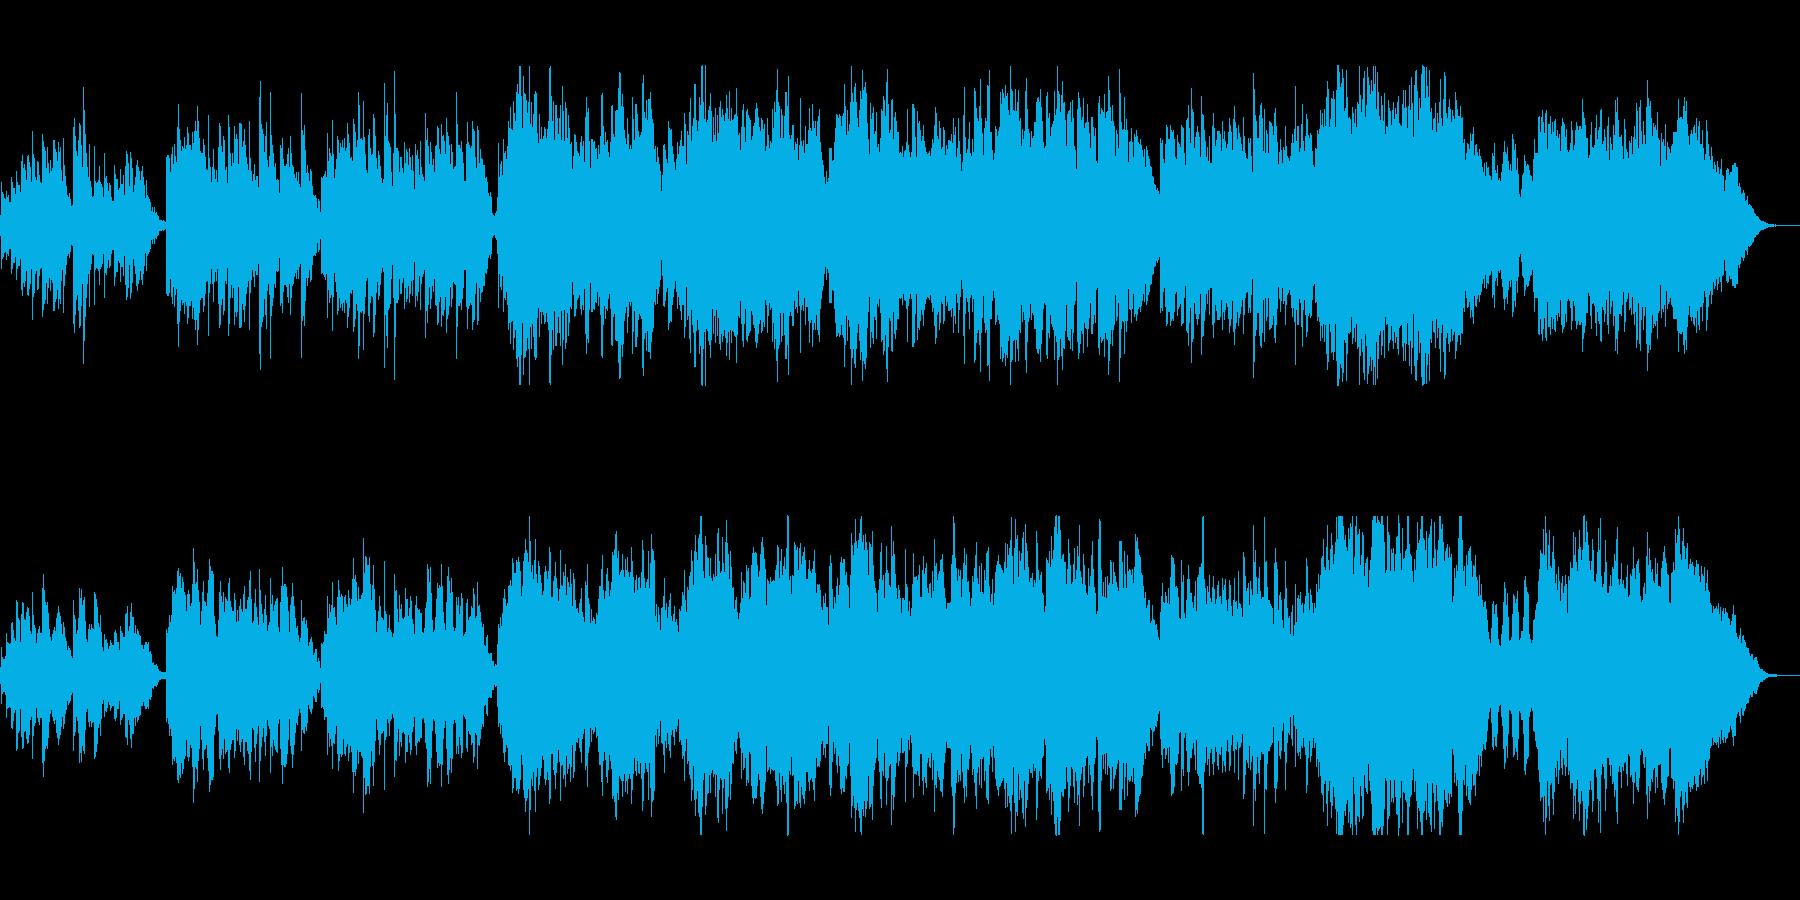 健やかで和やかなクラシカルオーケストラの再生済みの波形